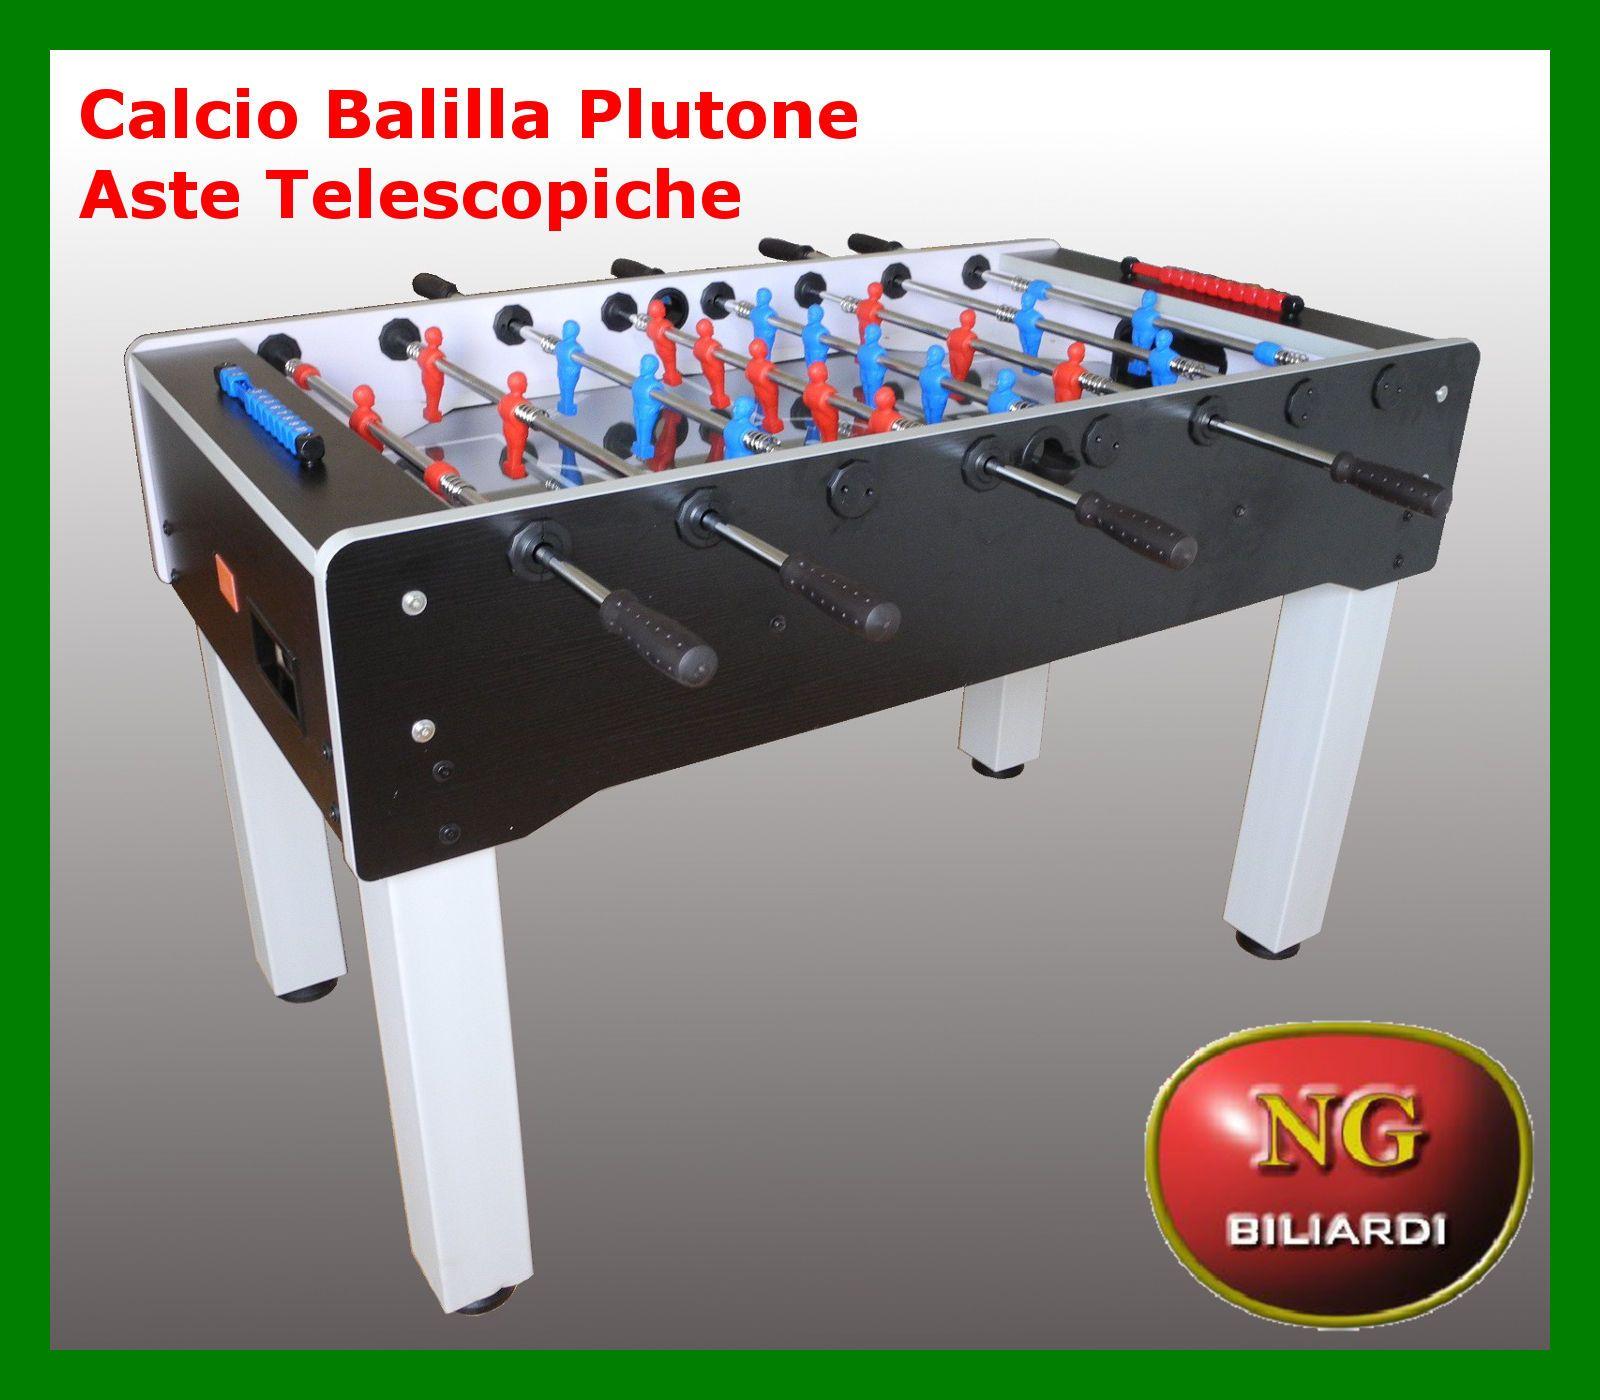 Calcio balilla plutone aste telescopiche calcetto - Calcio balilla design ...